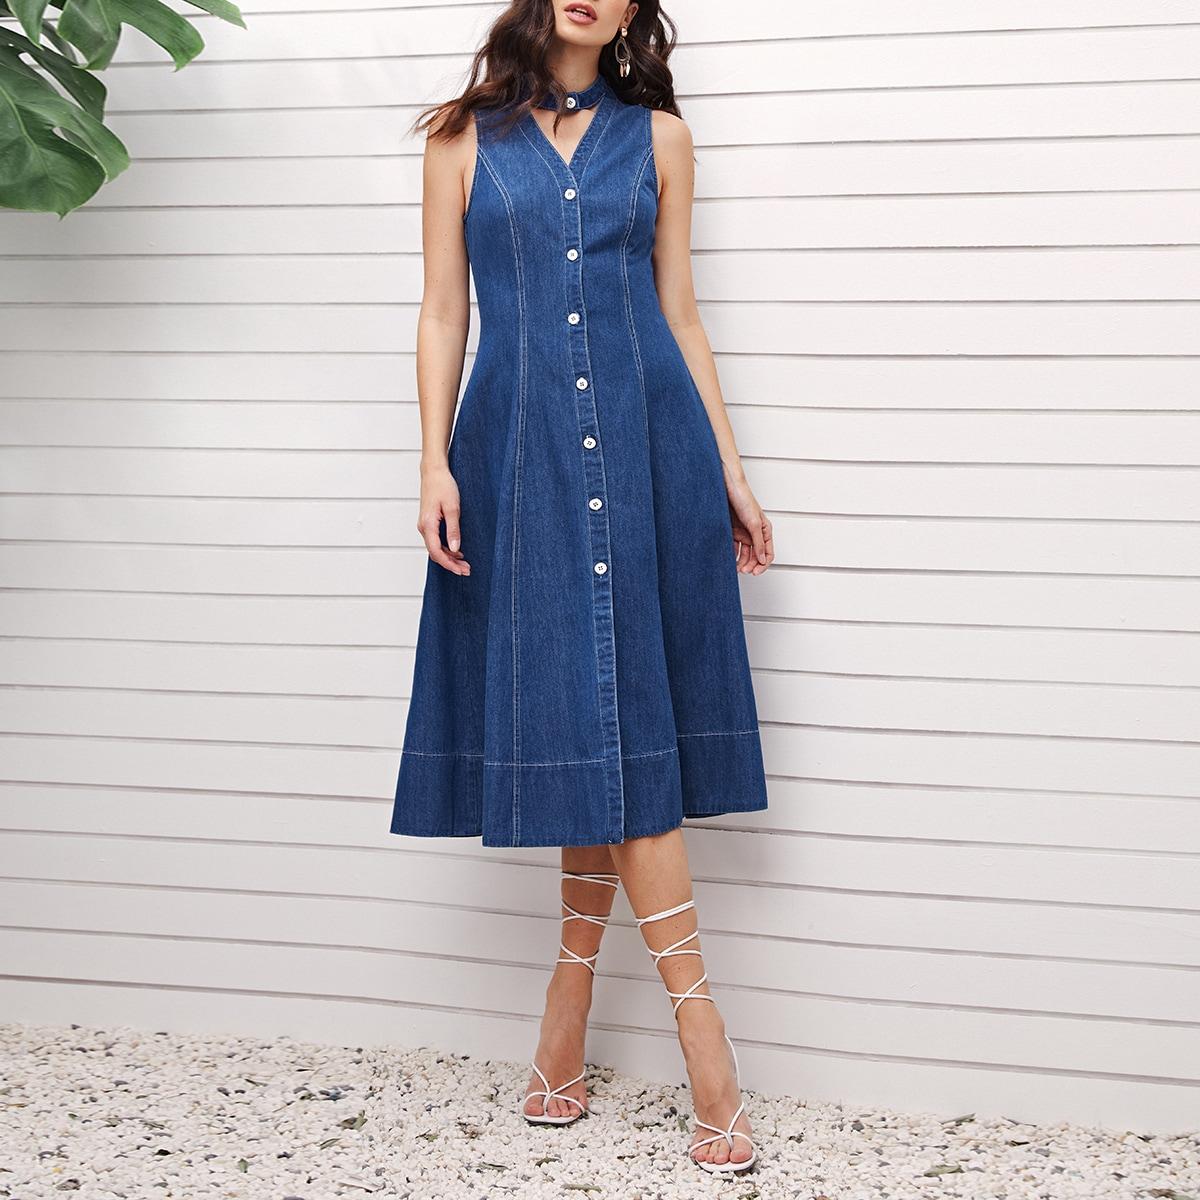 Пуговица Одноцветный Элегантный Джинсовые платья